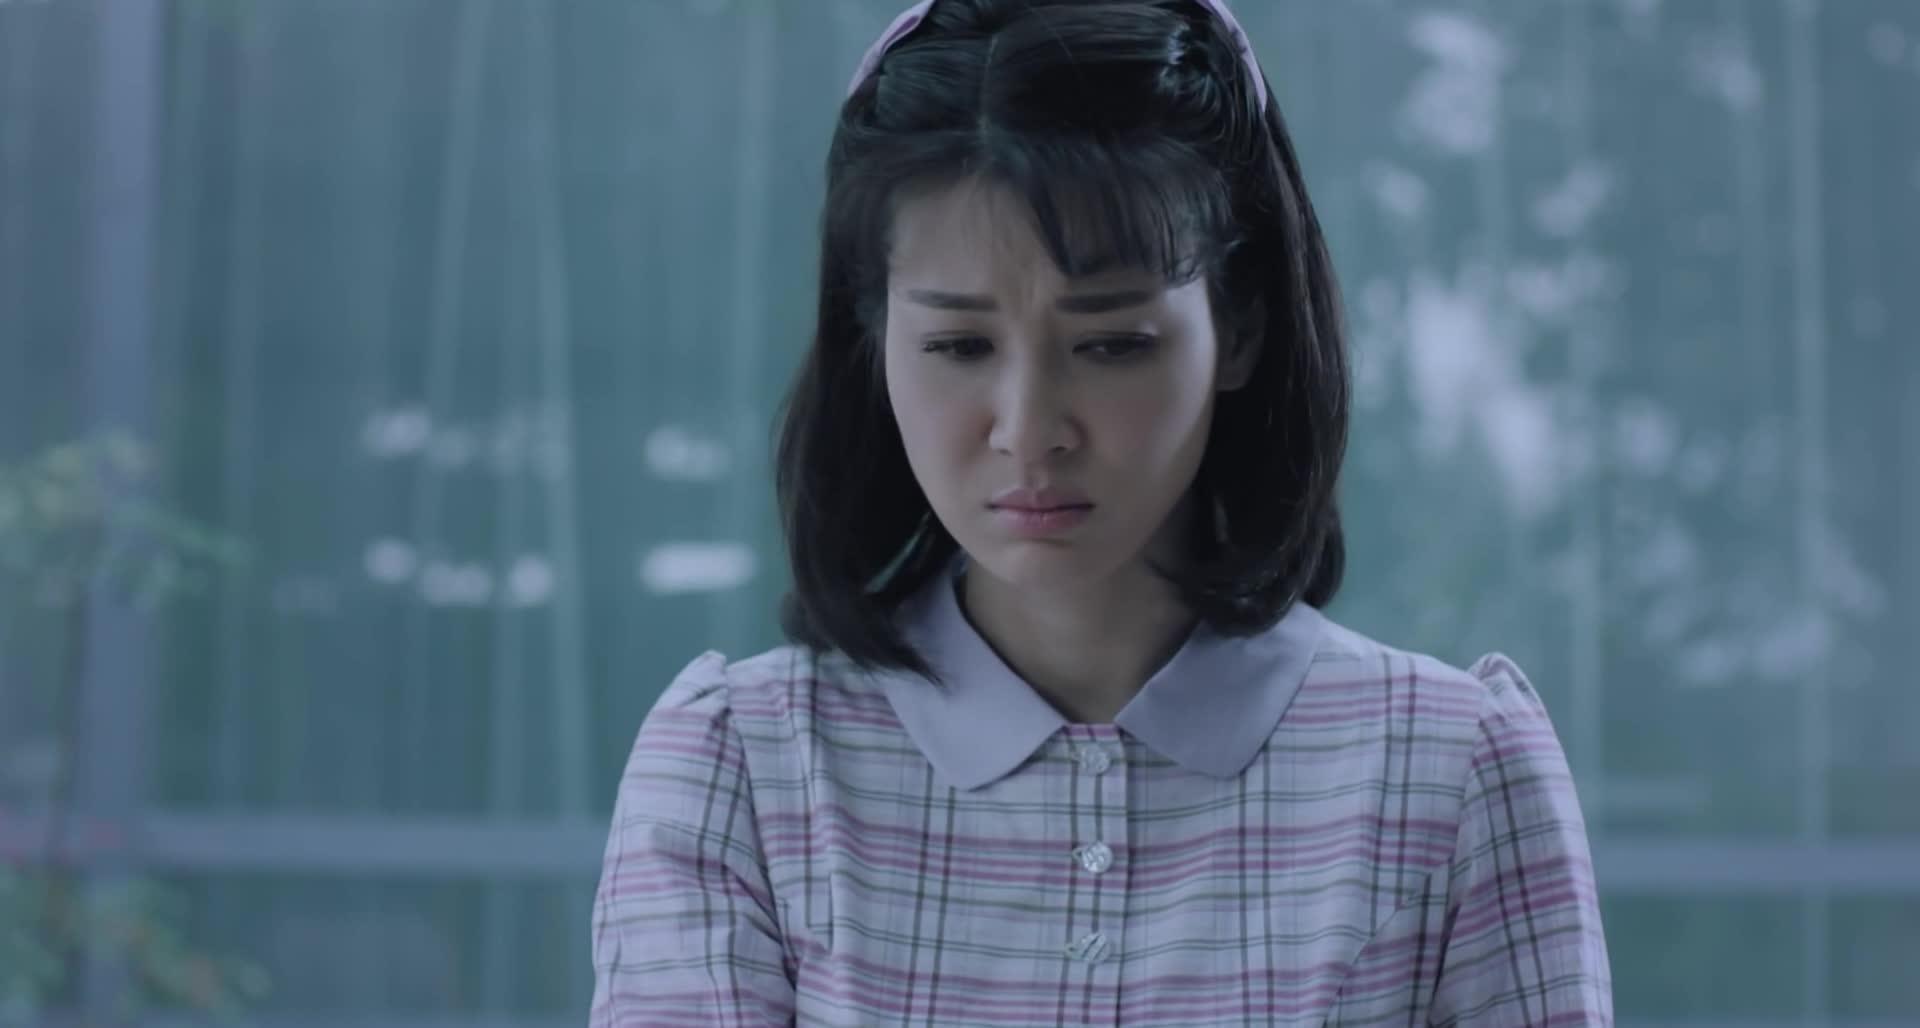 【我的小姨】第9集预告-姐夫痛斥秋虹放弃幸福